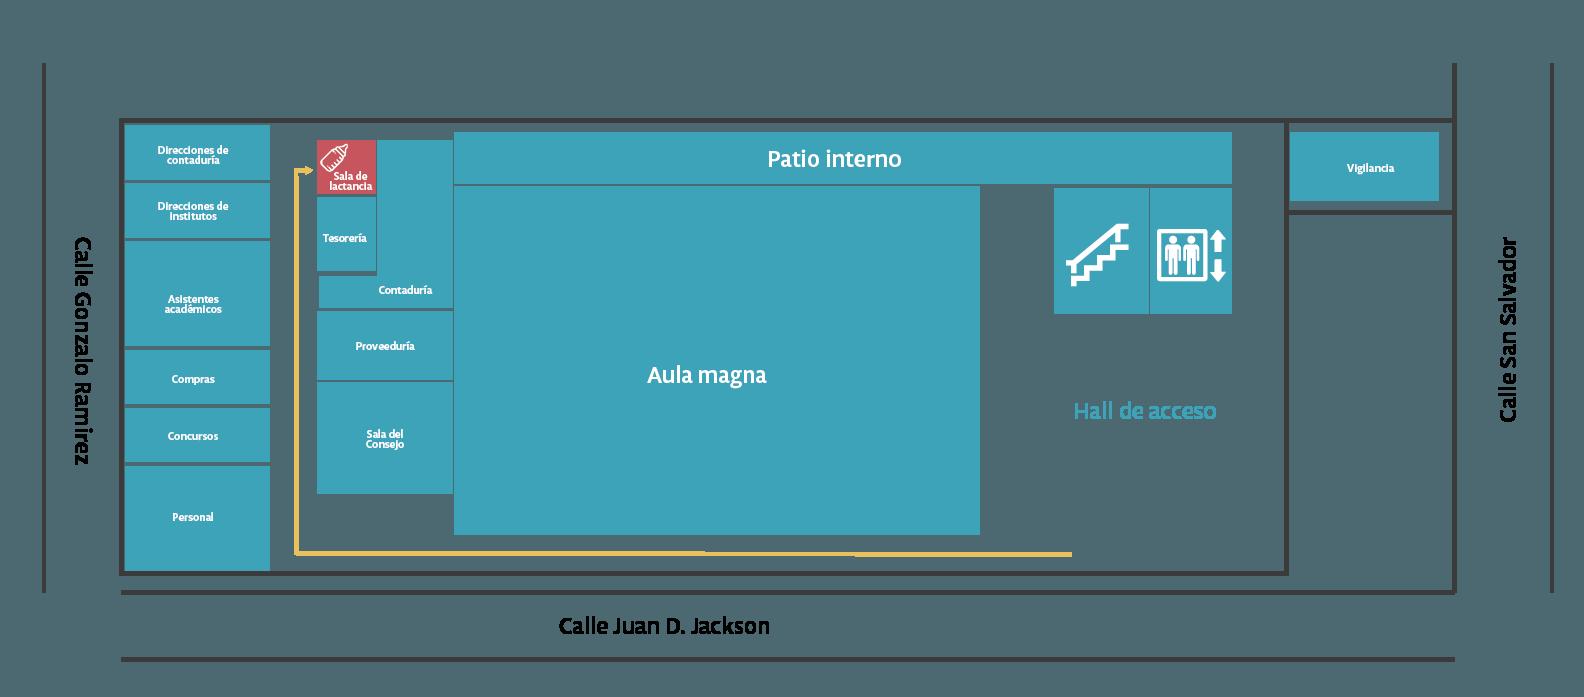 Plano de ubicación de la sala de lactancia de la FIC.